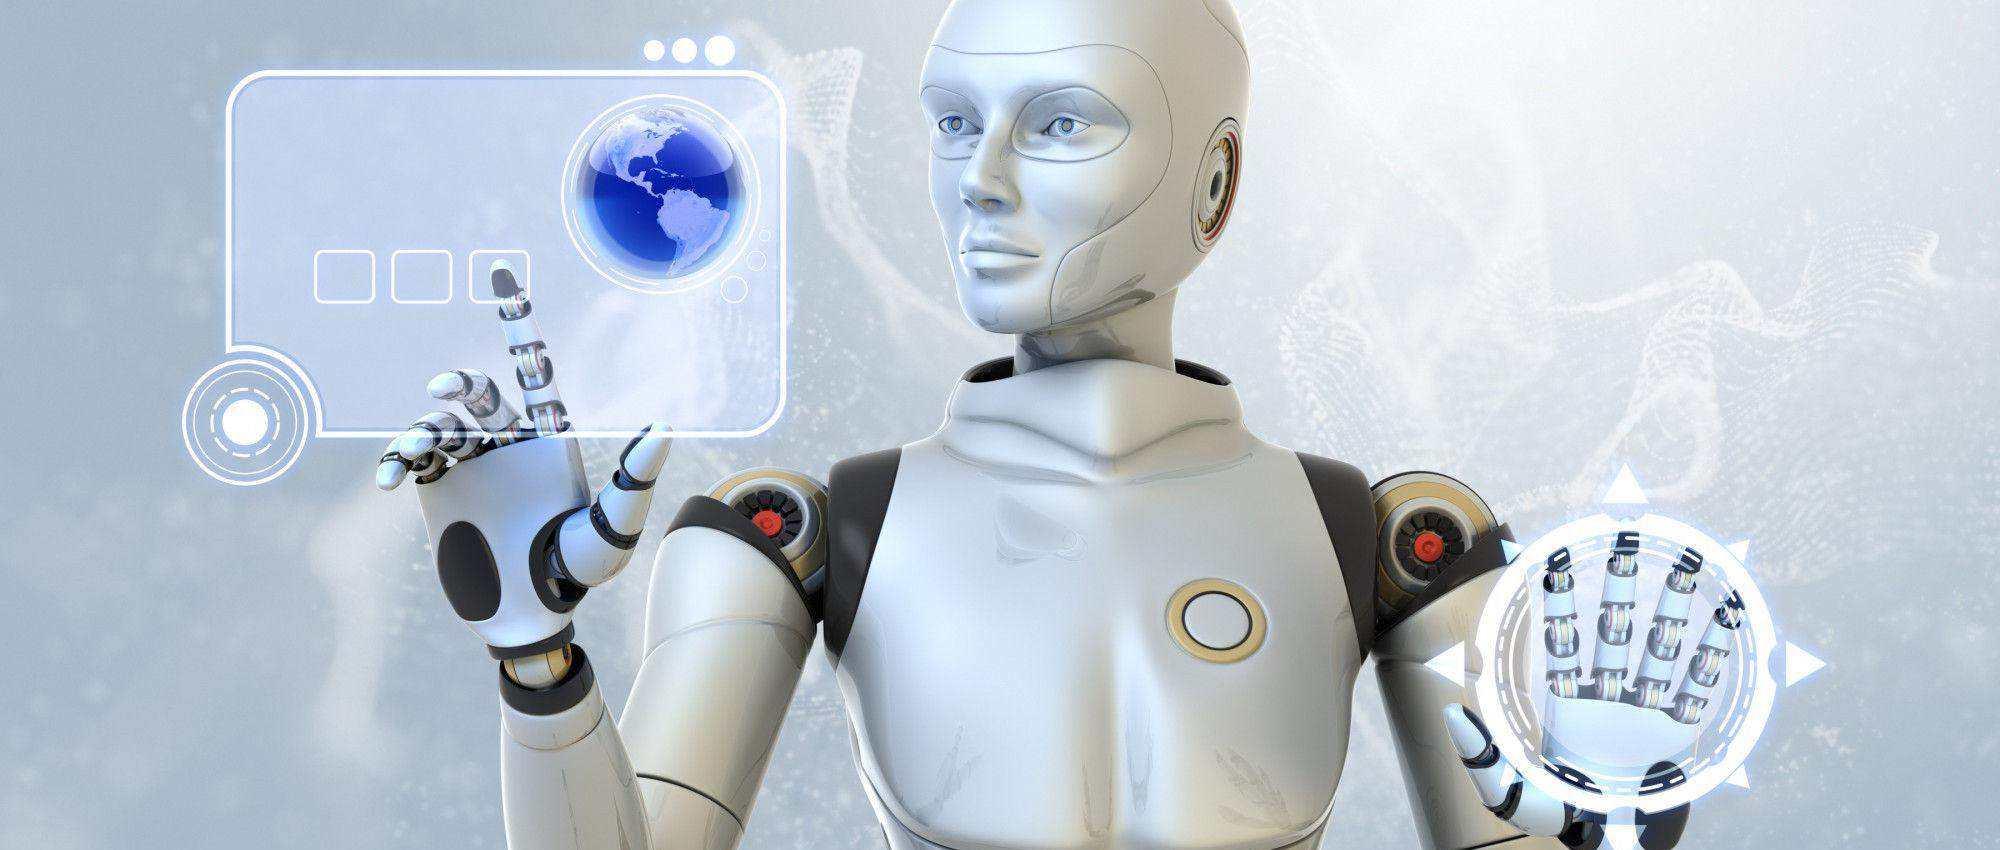 刘鹤:推动全球机器人领域开放合作发展 更好造福人类社会